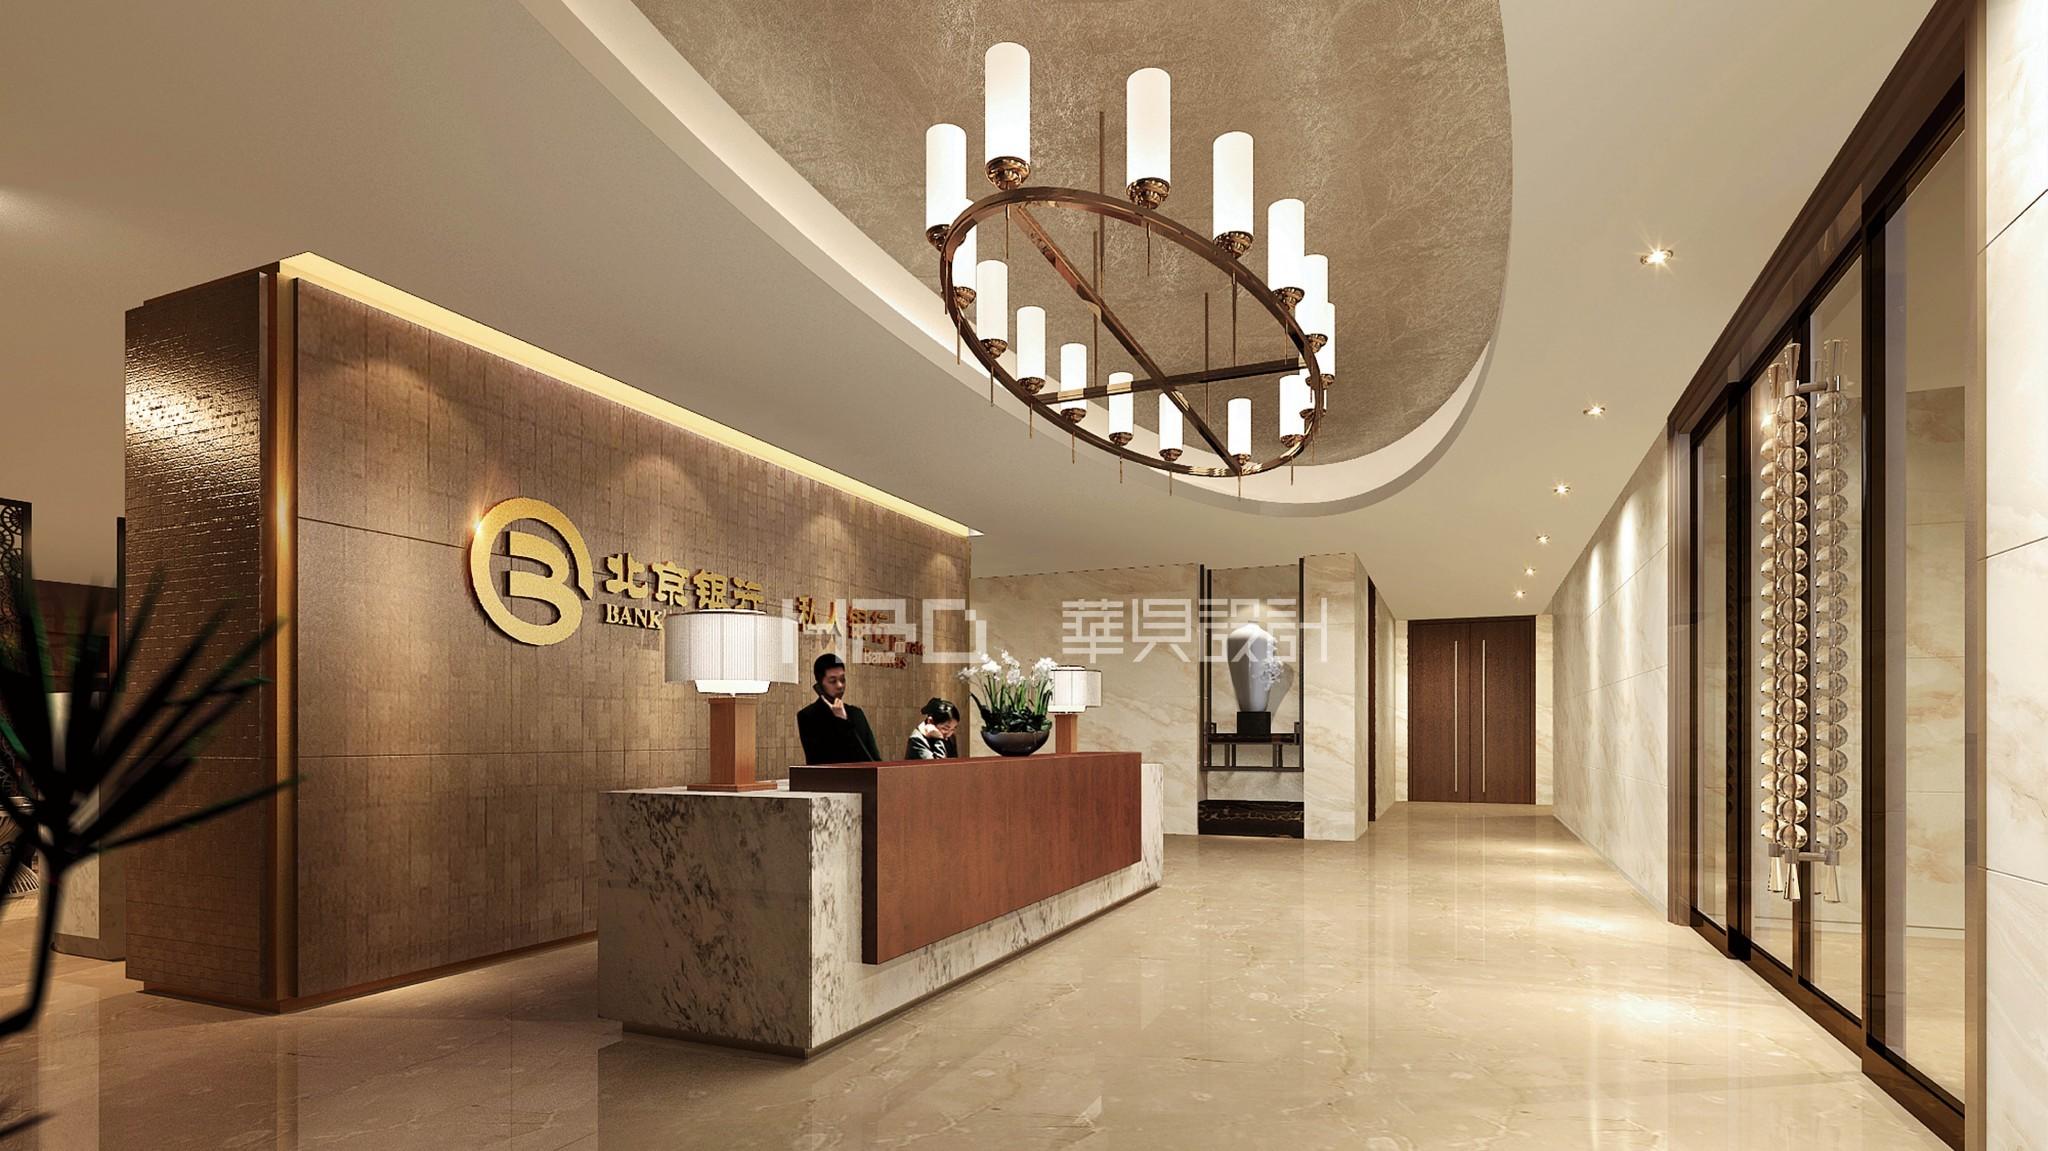 11北京银行私人银行 (1)